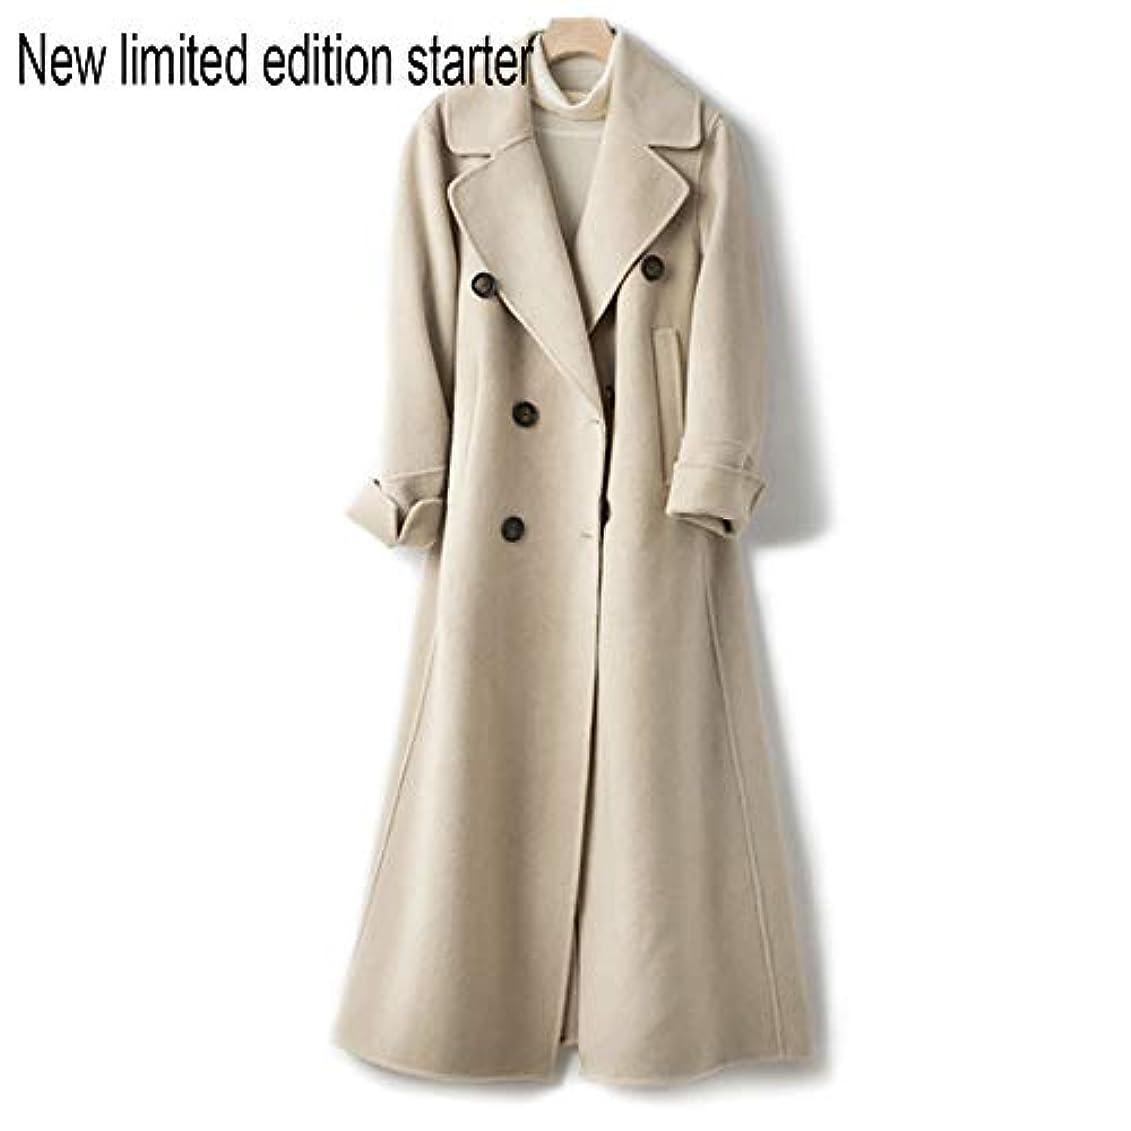 せがむグラフィック感動するウールコート、ウエストの両面ウールコートと長い女性服19秋と冬の新しいウールコート女性の長いブレザーコート,C,S